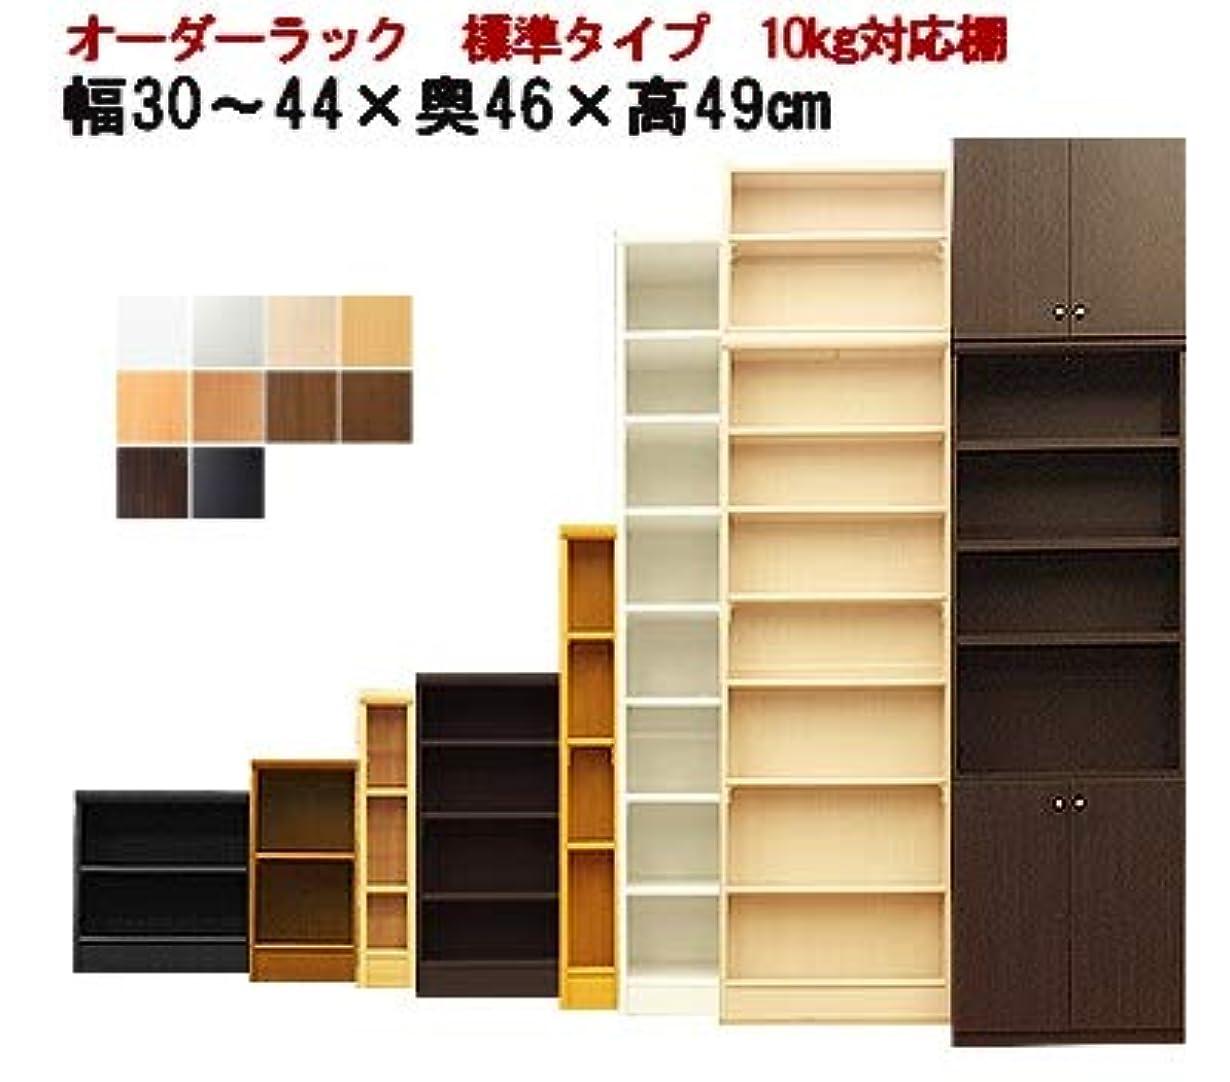 ダイジェストフィールド中断Rooms 本棚 カラーボックス ラック 転倒防止オプション有 壁面収納 日本製 (標準) 奥行46高49cm 幅(cm):31 ホワイト